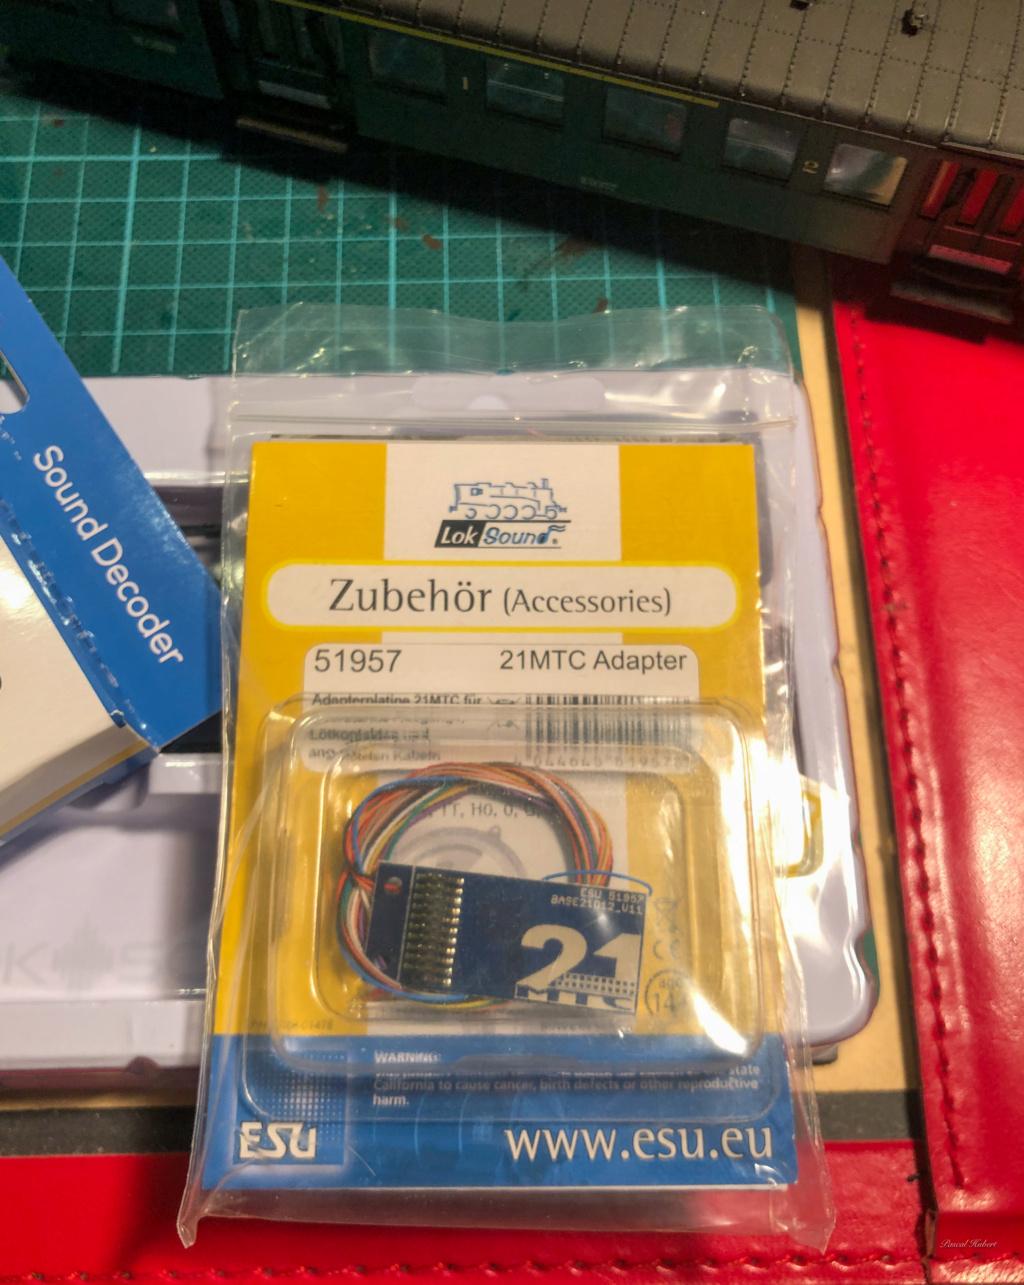 Digitalisation Märklin 37672 avec un ESU V5 Loksound Esu-310